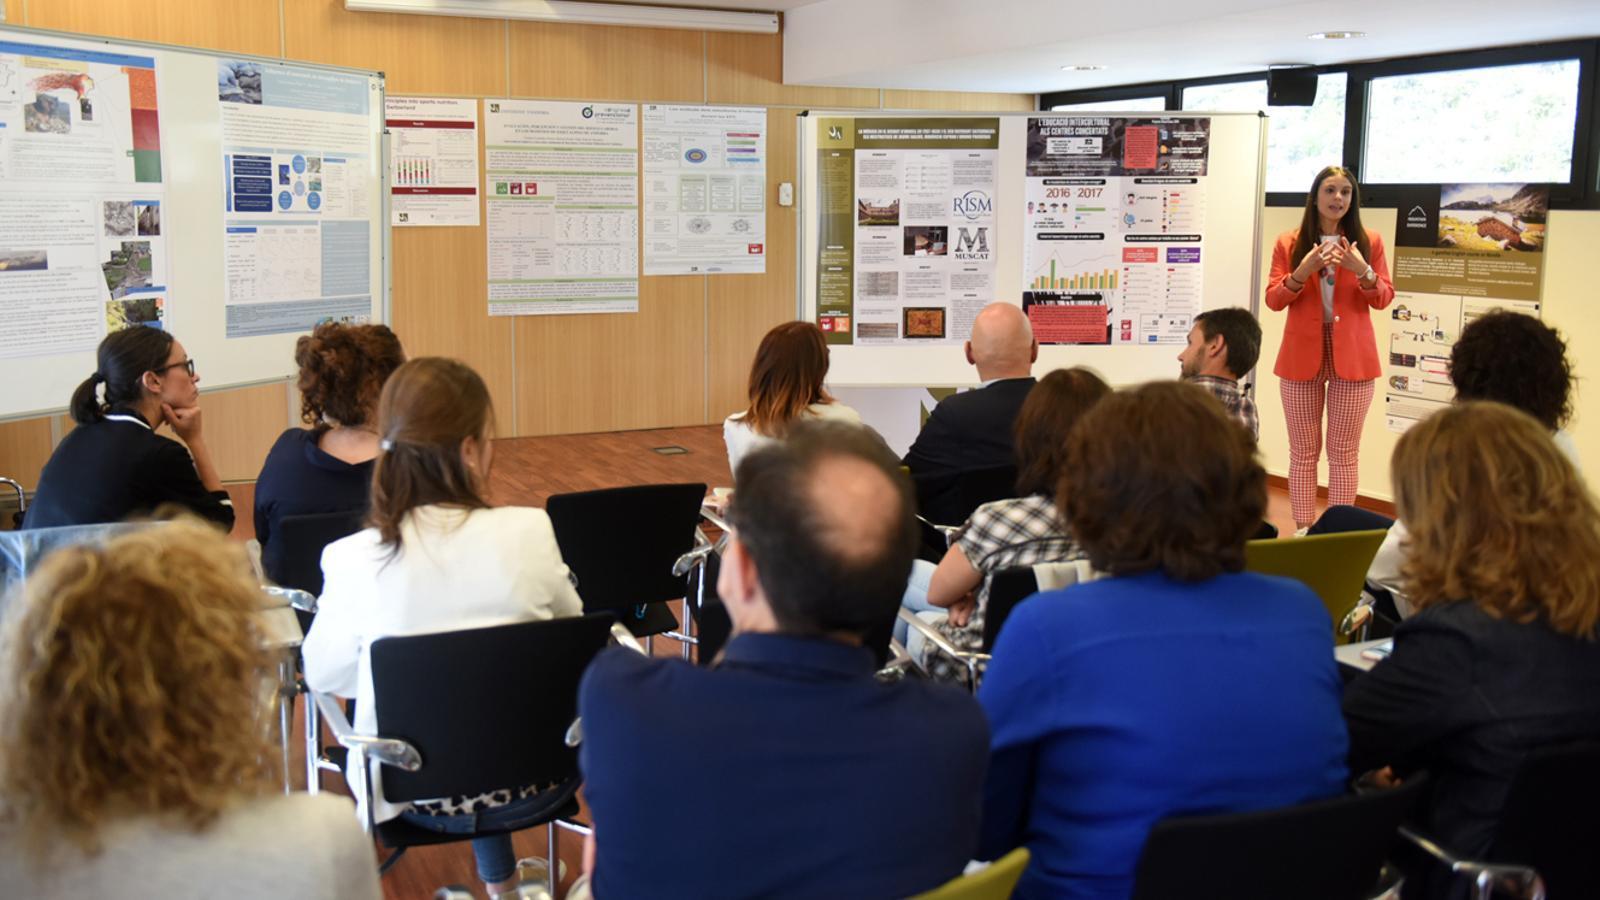 Onzè Seminari de recerca, celebrat aquest divendres a la Universitat d'Andorra. / UDA